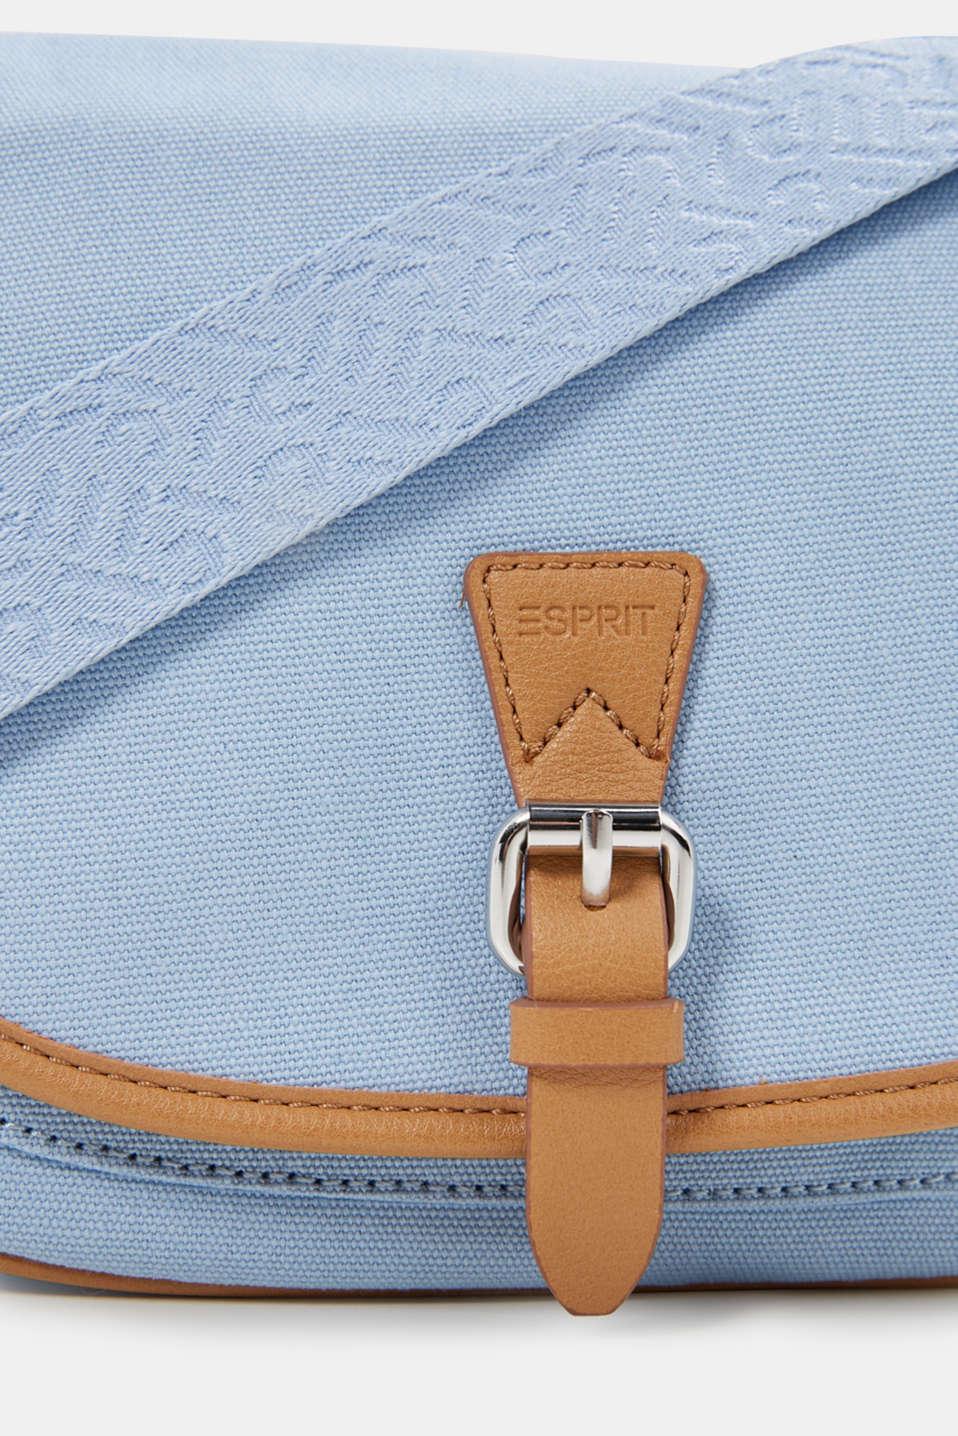 Susie T. shoulder bag, LIGHT BLUE, detail image number 6